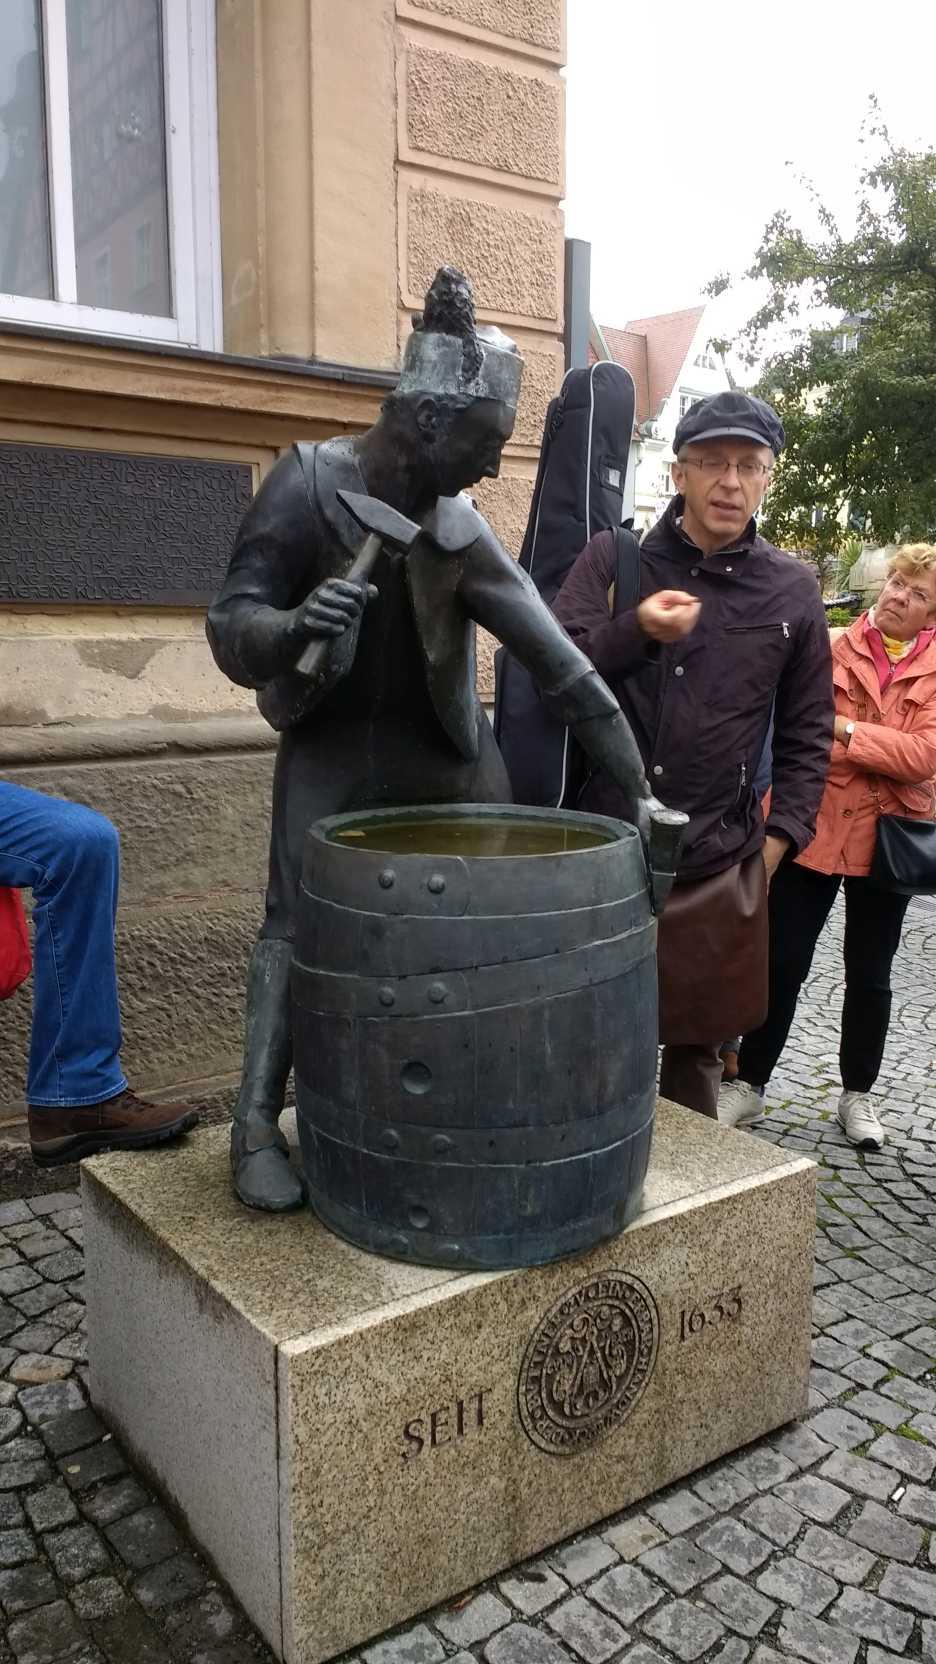 Stadtführung Kulmbach mit Schorsch